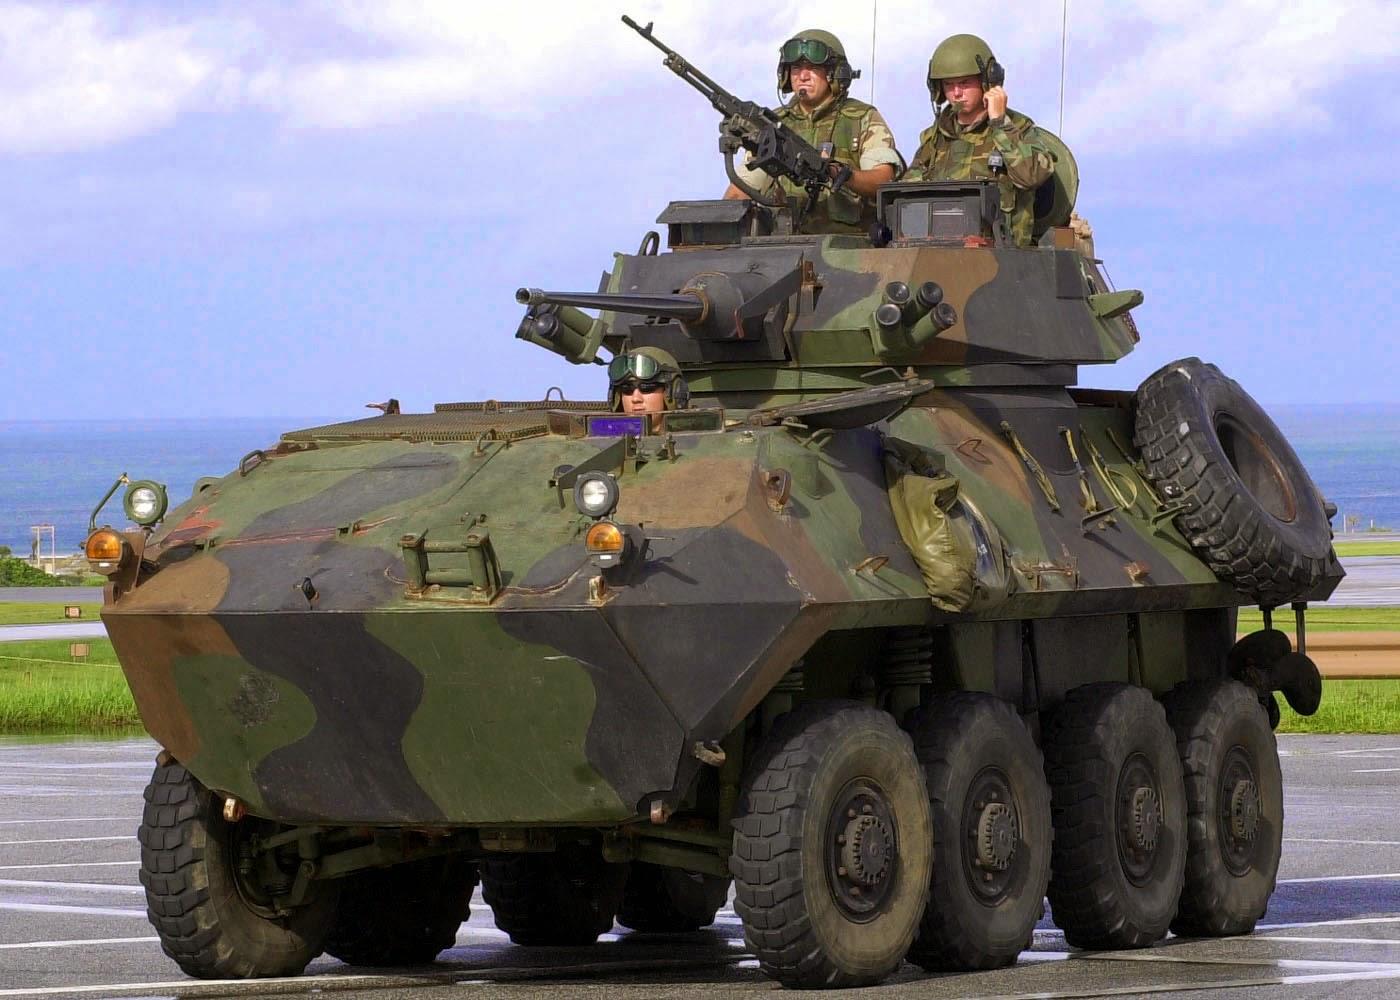 Acima: O LAV-25 é uma versão do Piranha III usada pelo exército canadense e pelos fuzileiros navais dos Estados Unidos. Seu armamento é pouco mais pesado que o Piranha IIIC padrão.